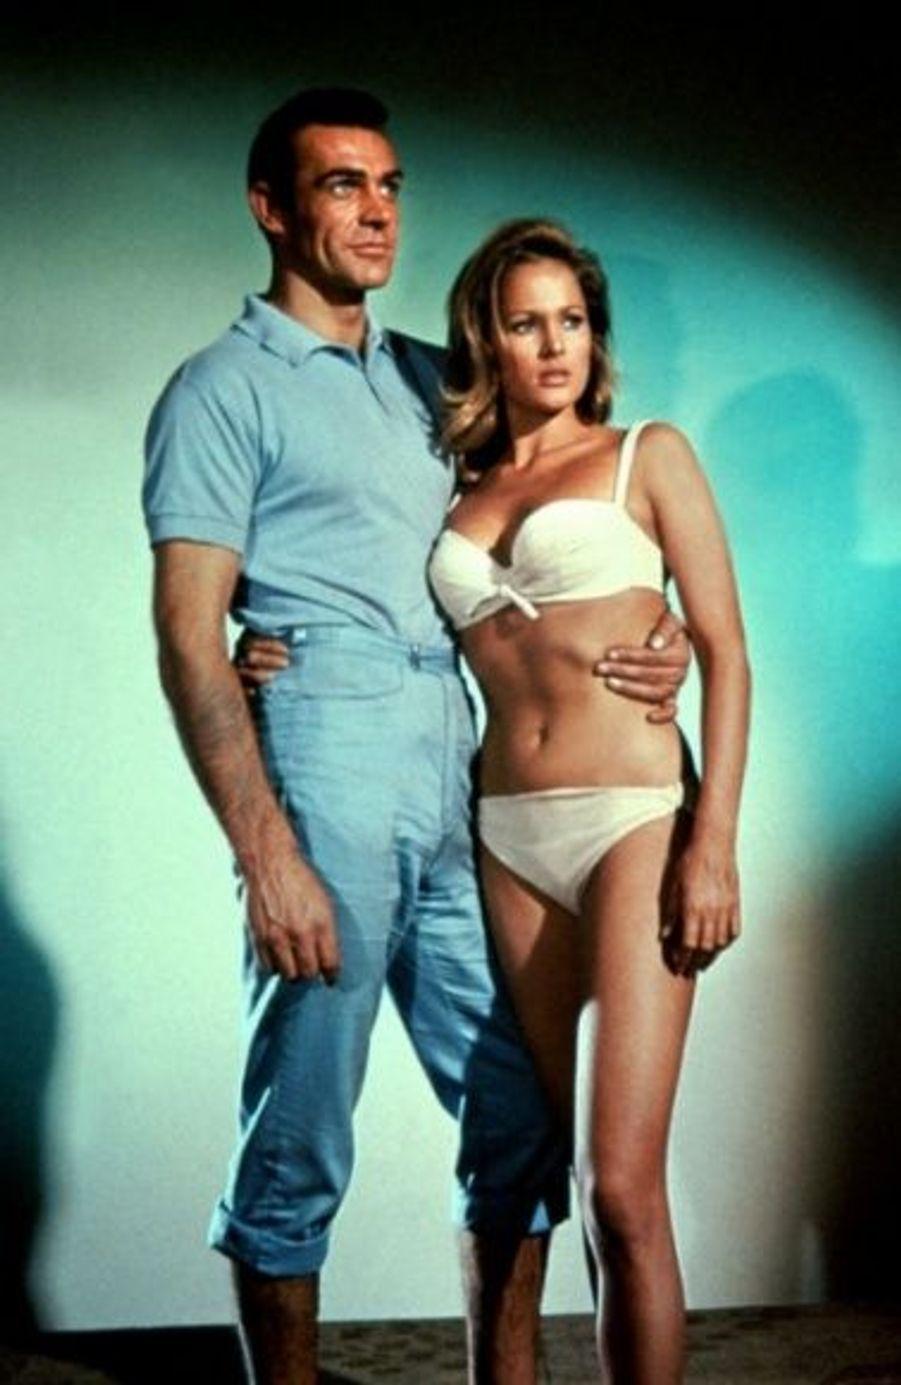 James Bond 007 contre Dr. No, en 1962.